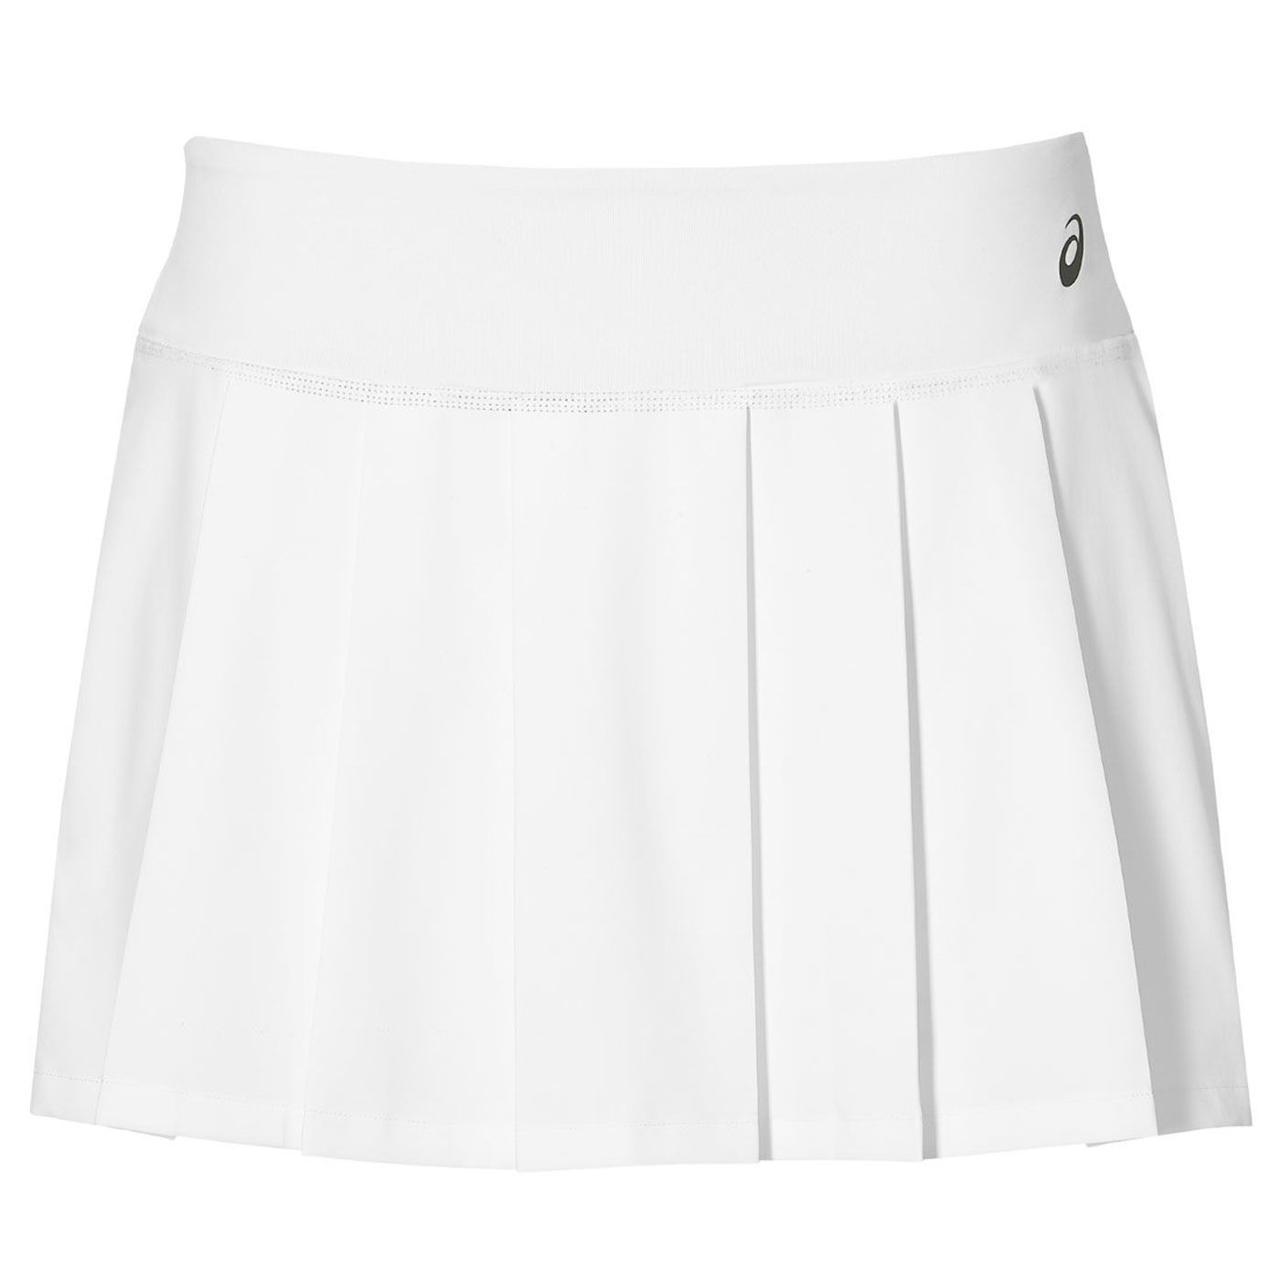 ada9b21b118 Женская теннисная юбка Asics Club Skort (143631-0001) - Интернет-магазин